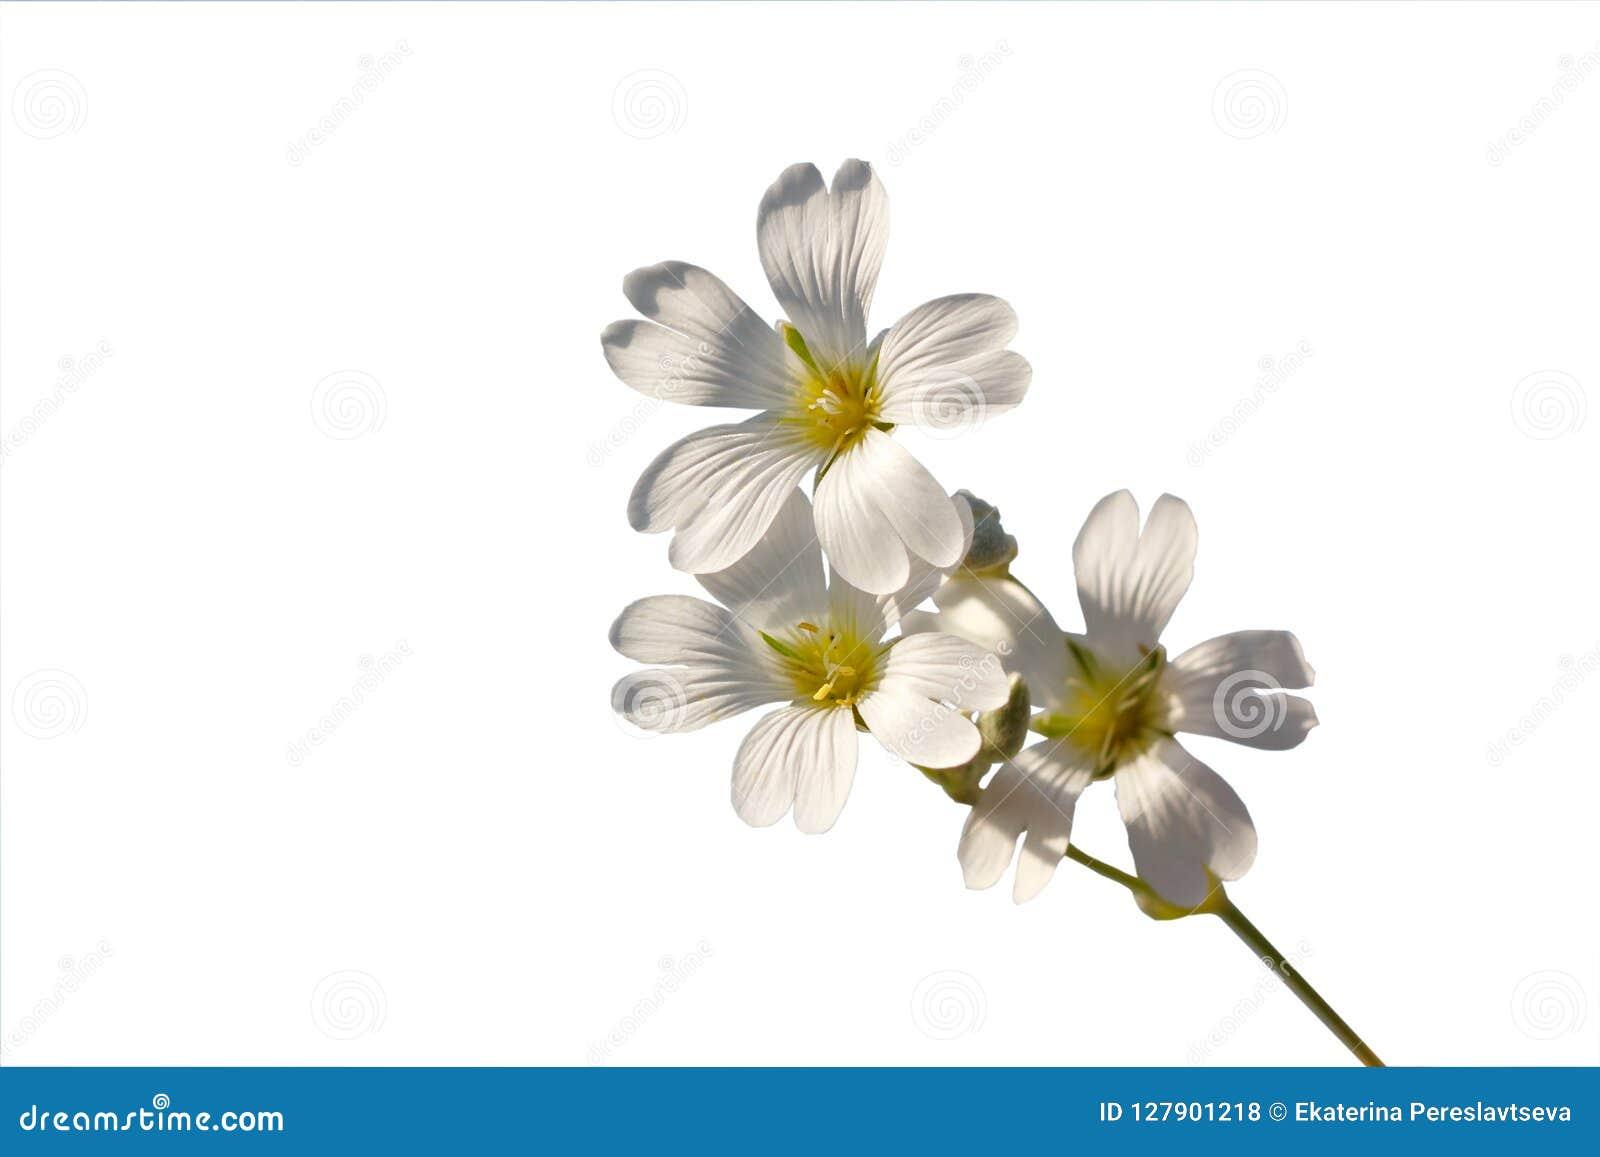 Twijg met witte bloemen op een witte achtergrond